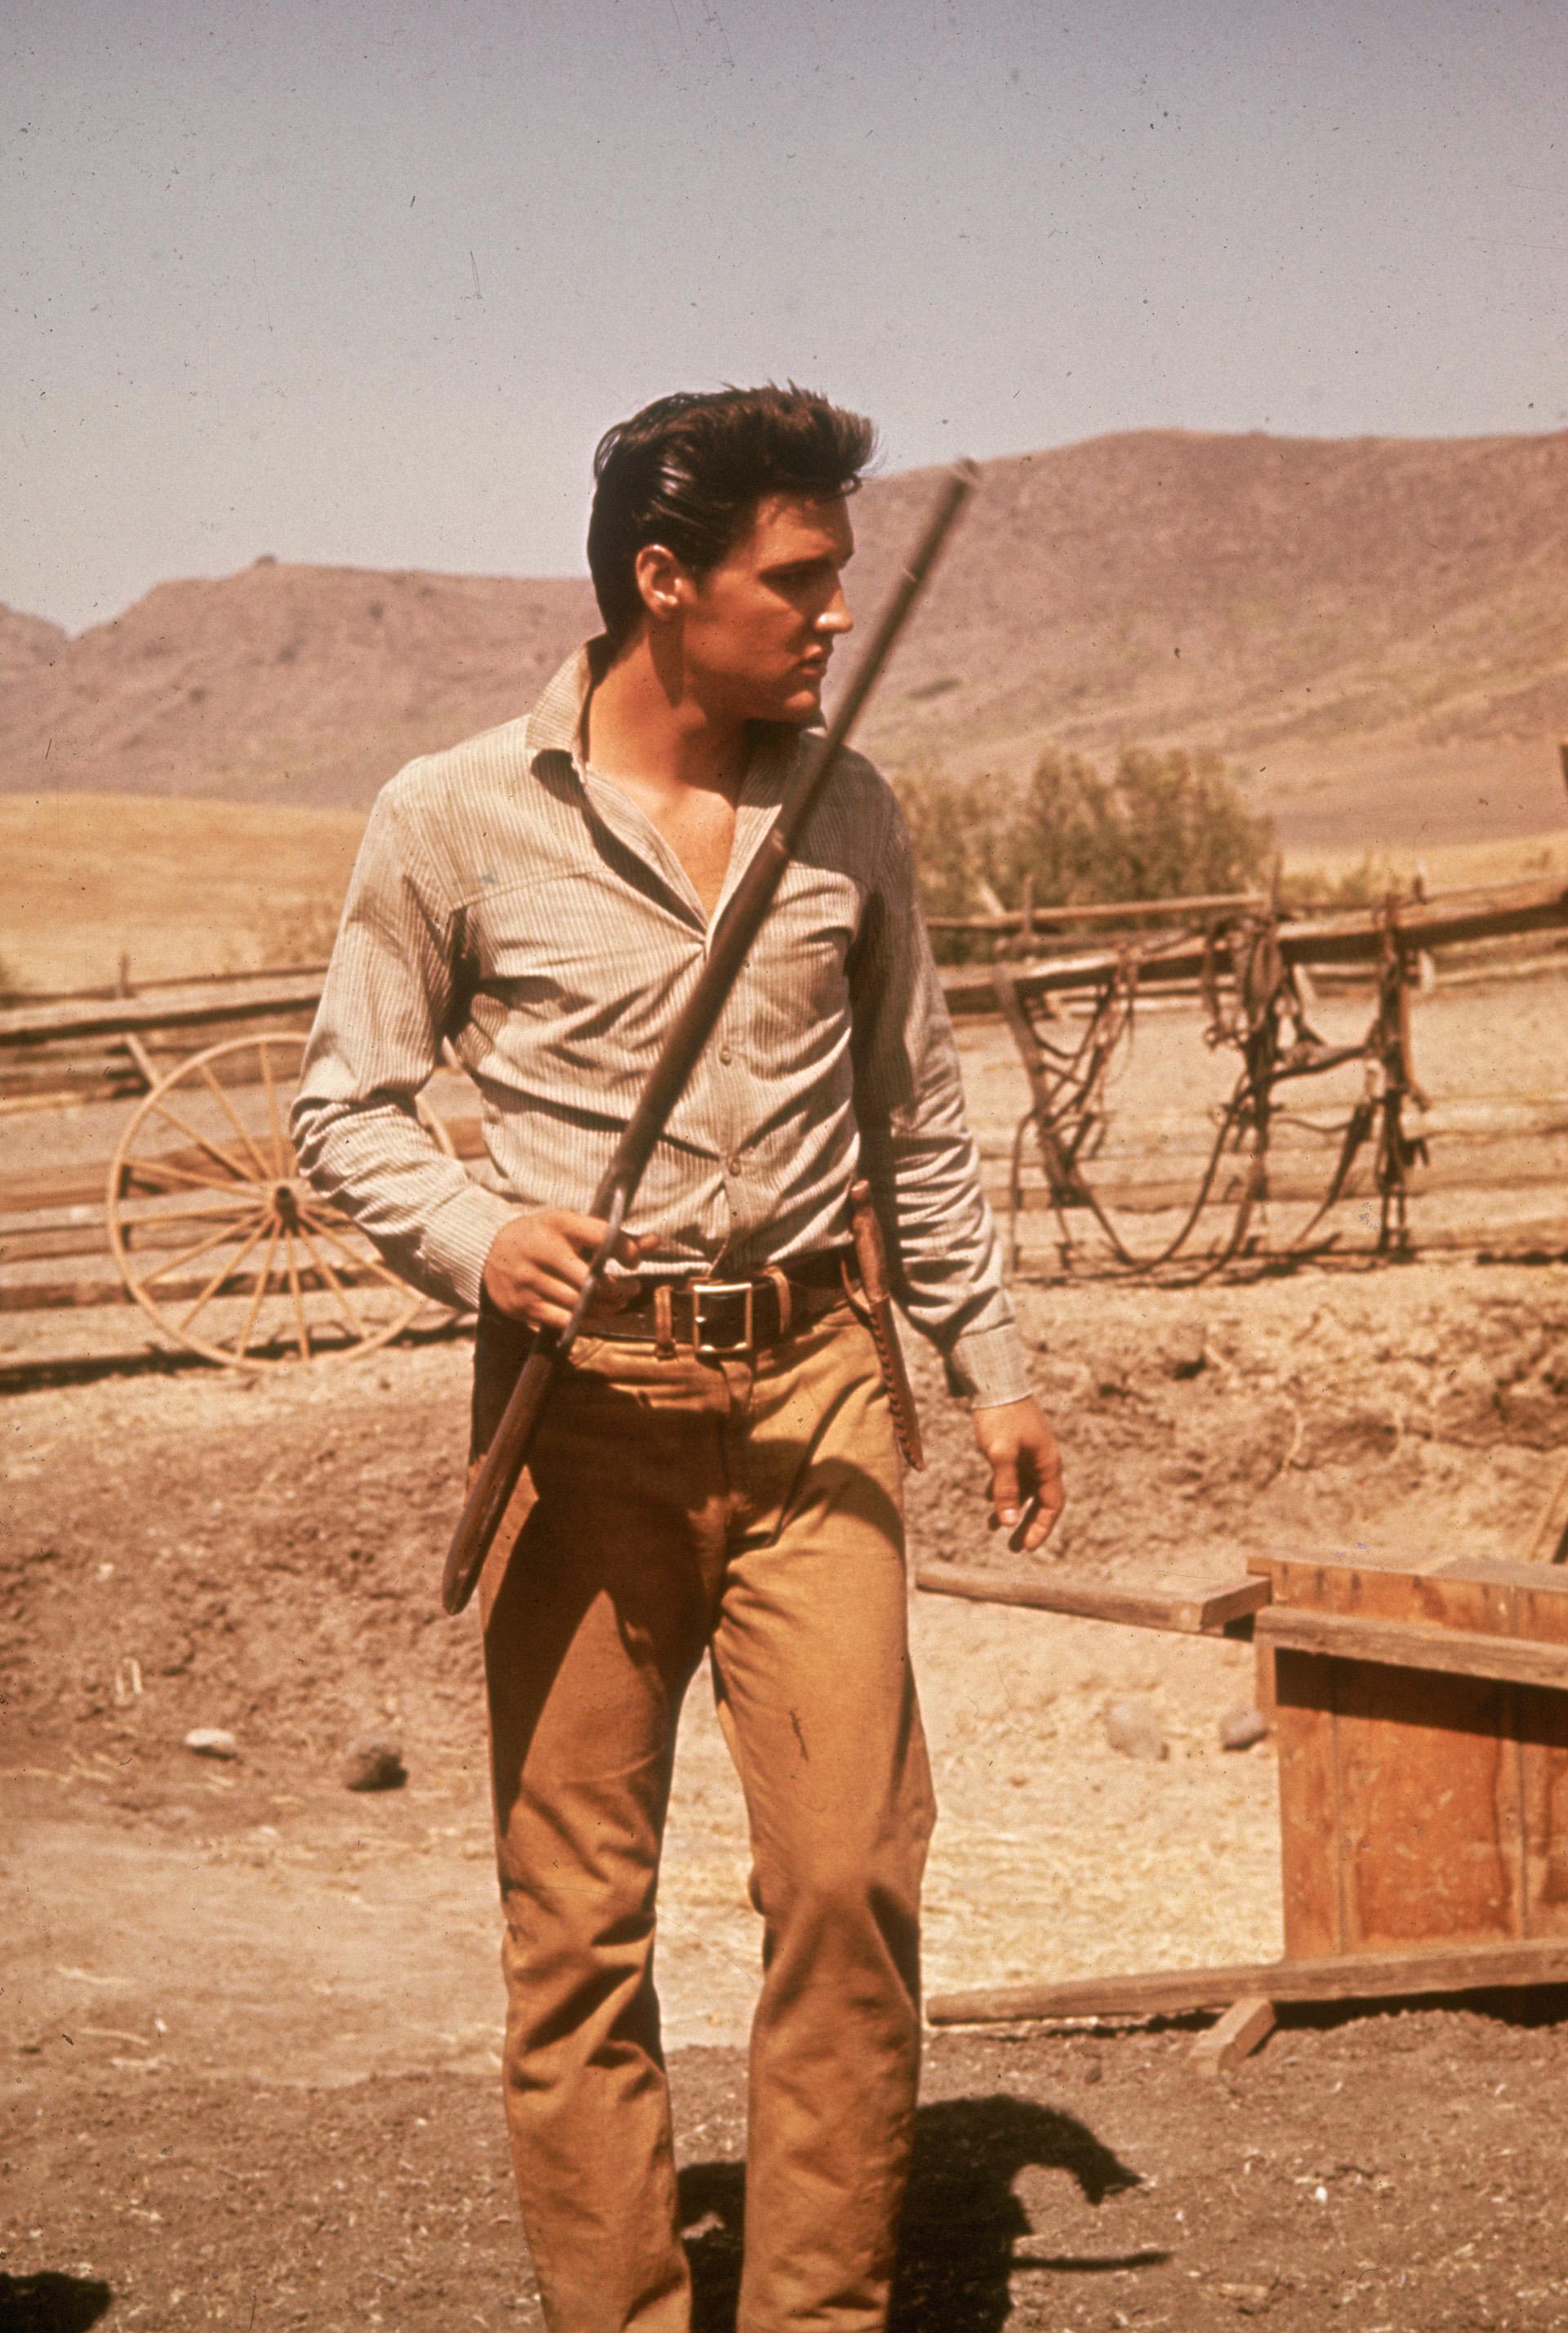 Além de ser um músico brilhante, ele se destacou em atuar.  No set de filmagem completo, Elvis com uma espingarda na mão.  Gabardine camel pants com cinto e camisa com decote em V (Foto de Hulton Archive / Getty Images)